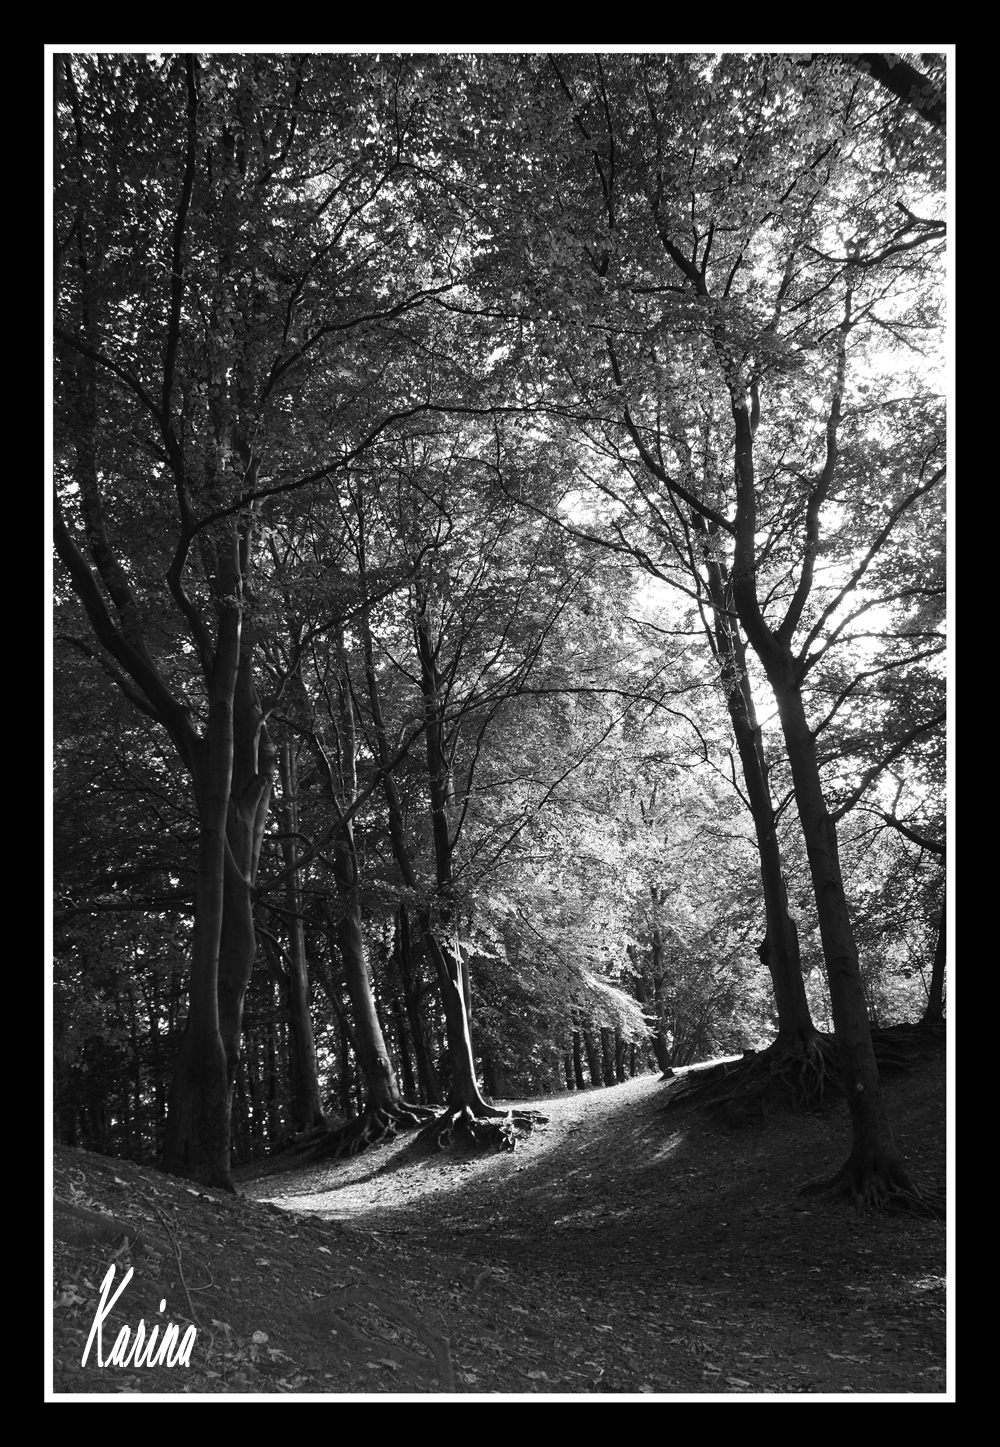 zonlicht - zonlicht - foto door papercup op 26-09-2010 - deze foto bevat: 18